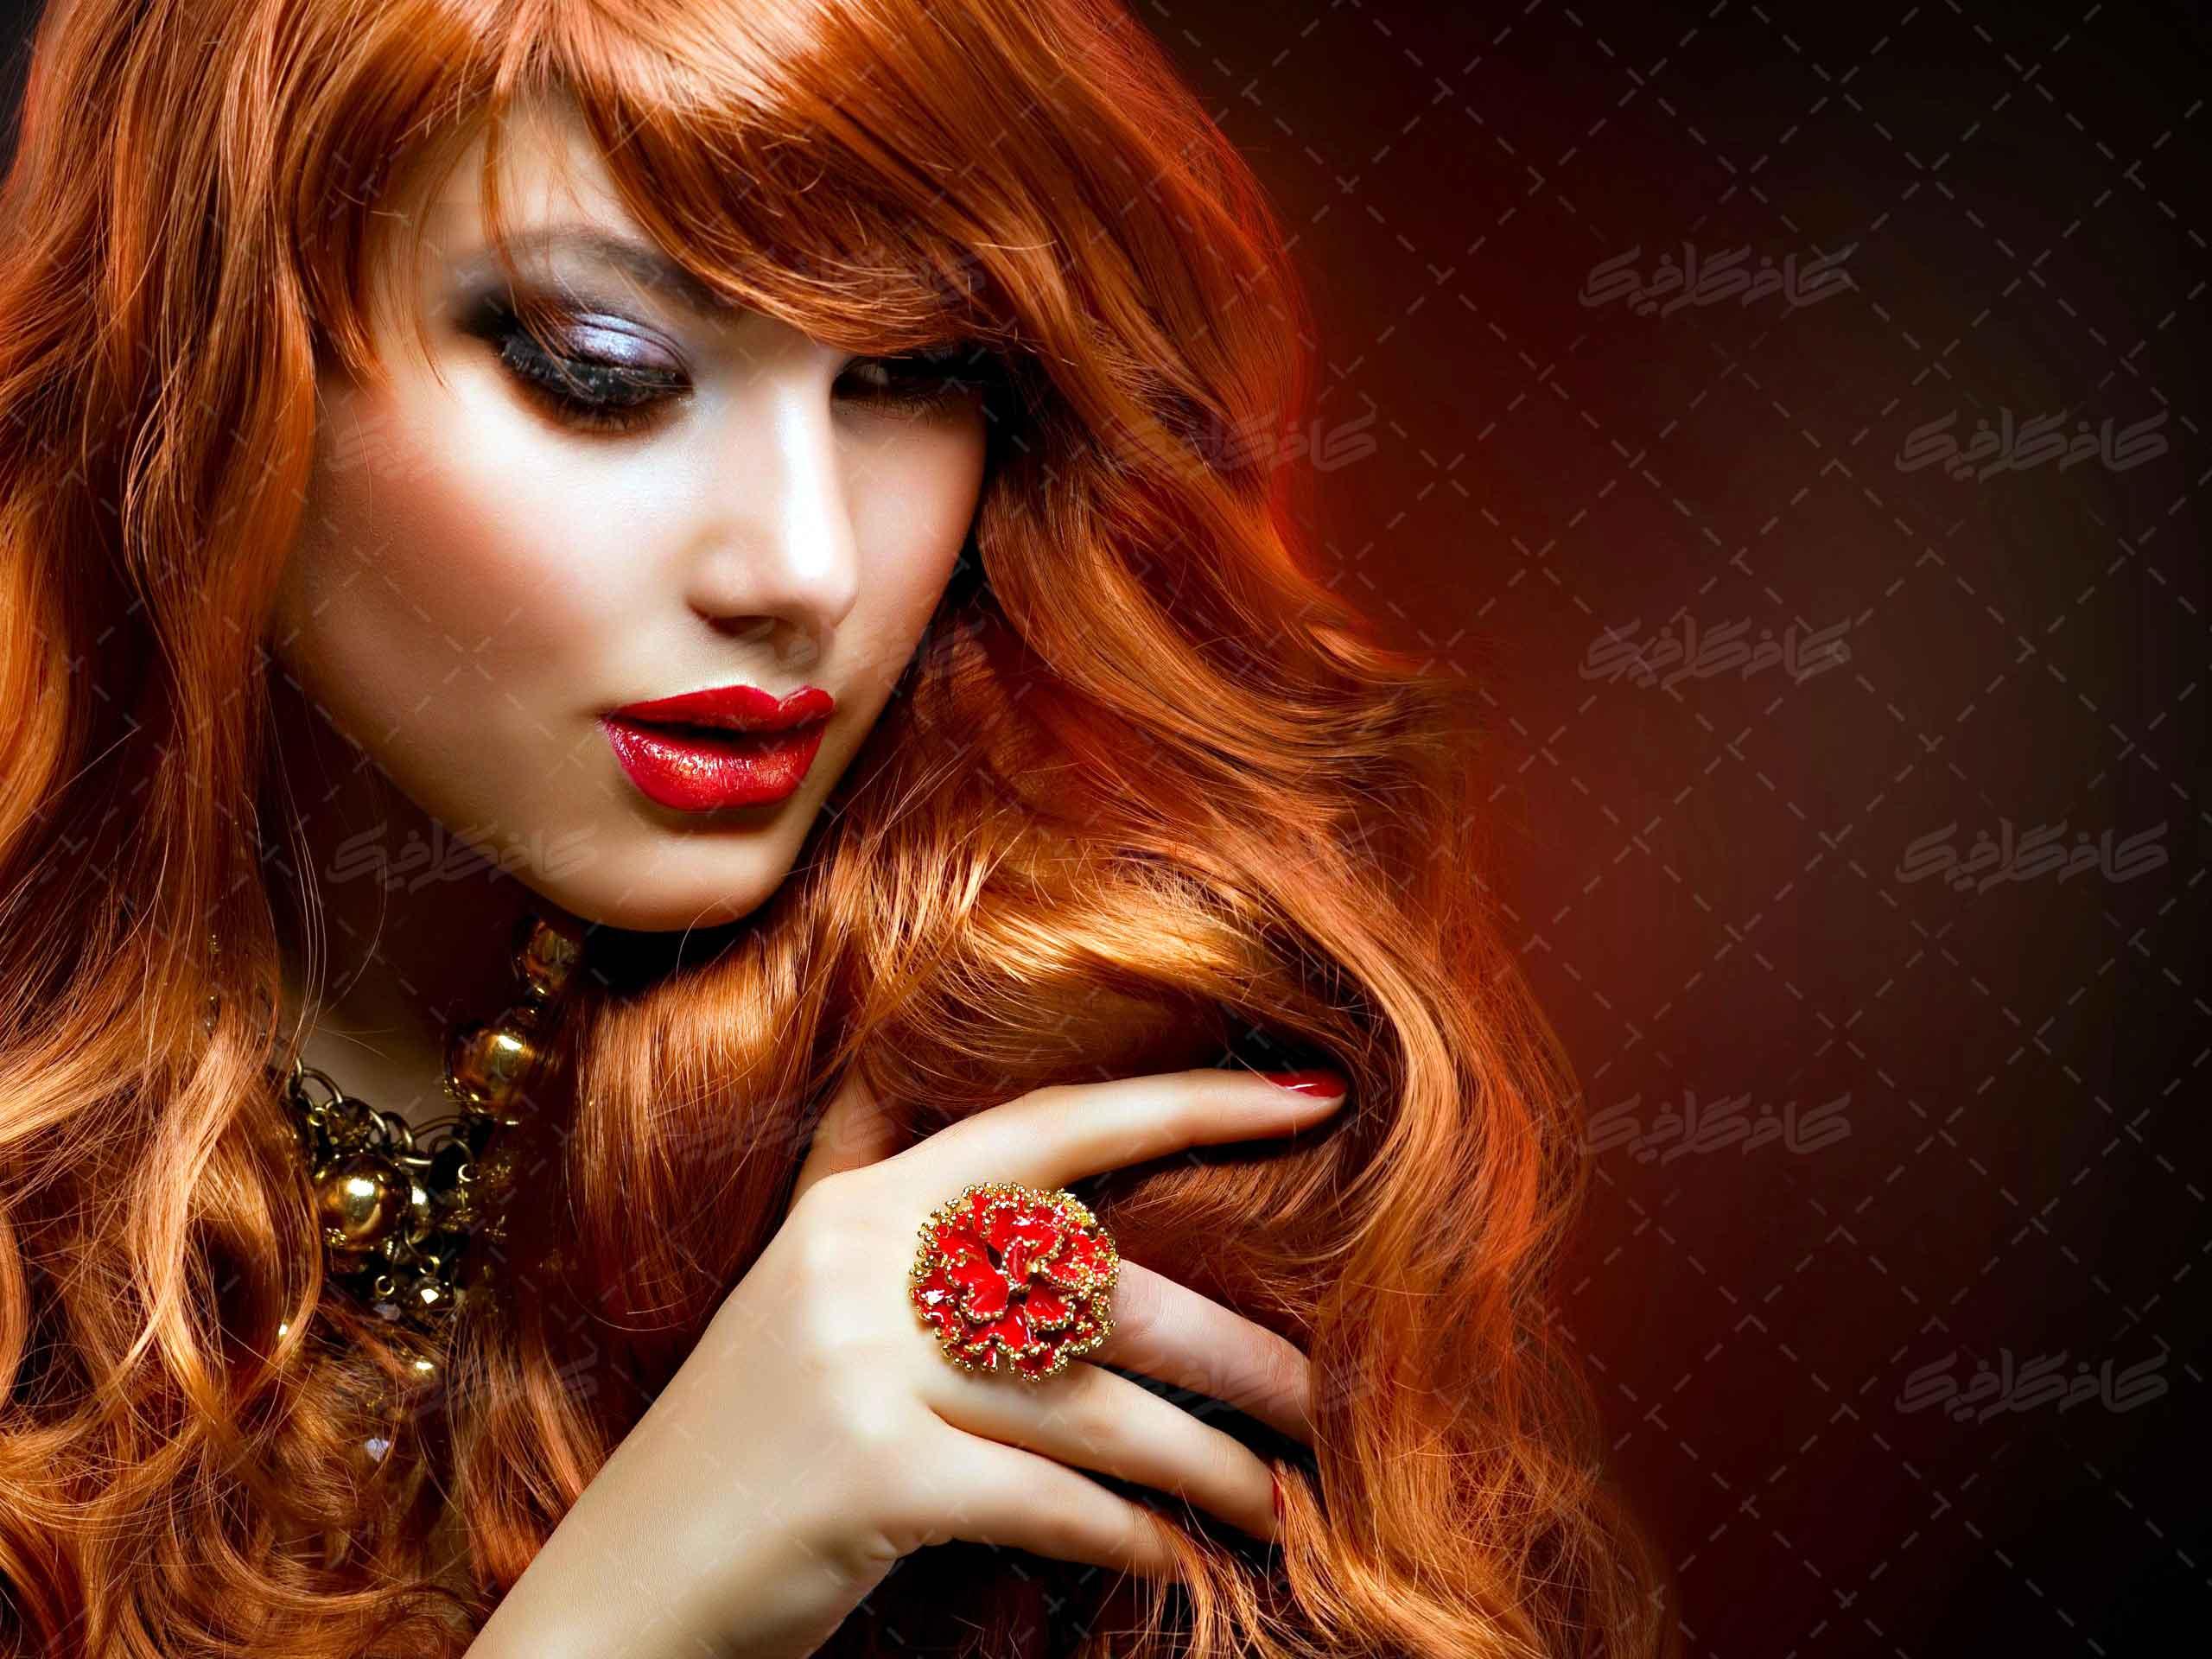 تصویر استوک زن مو قرمز